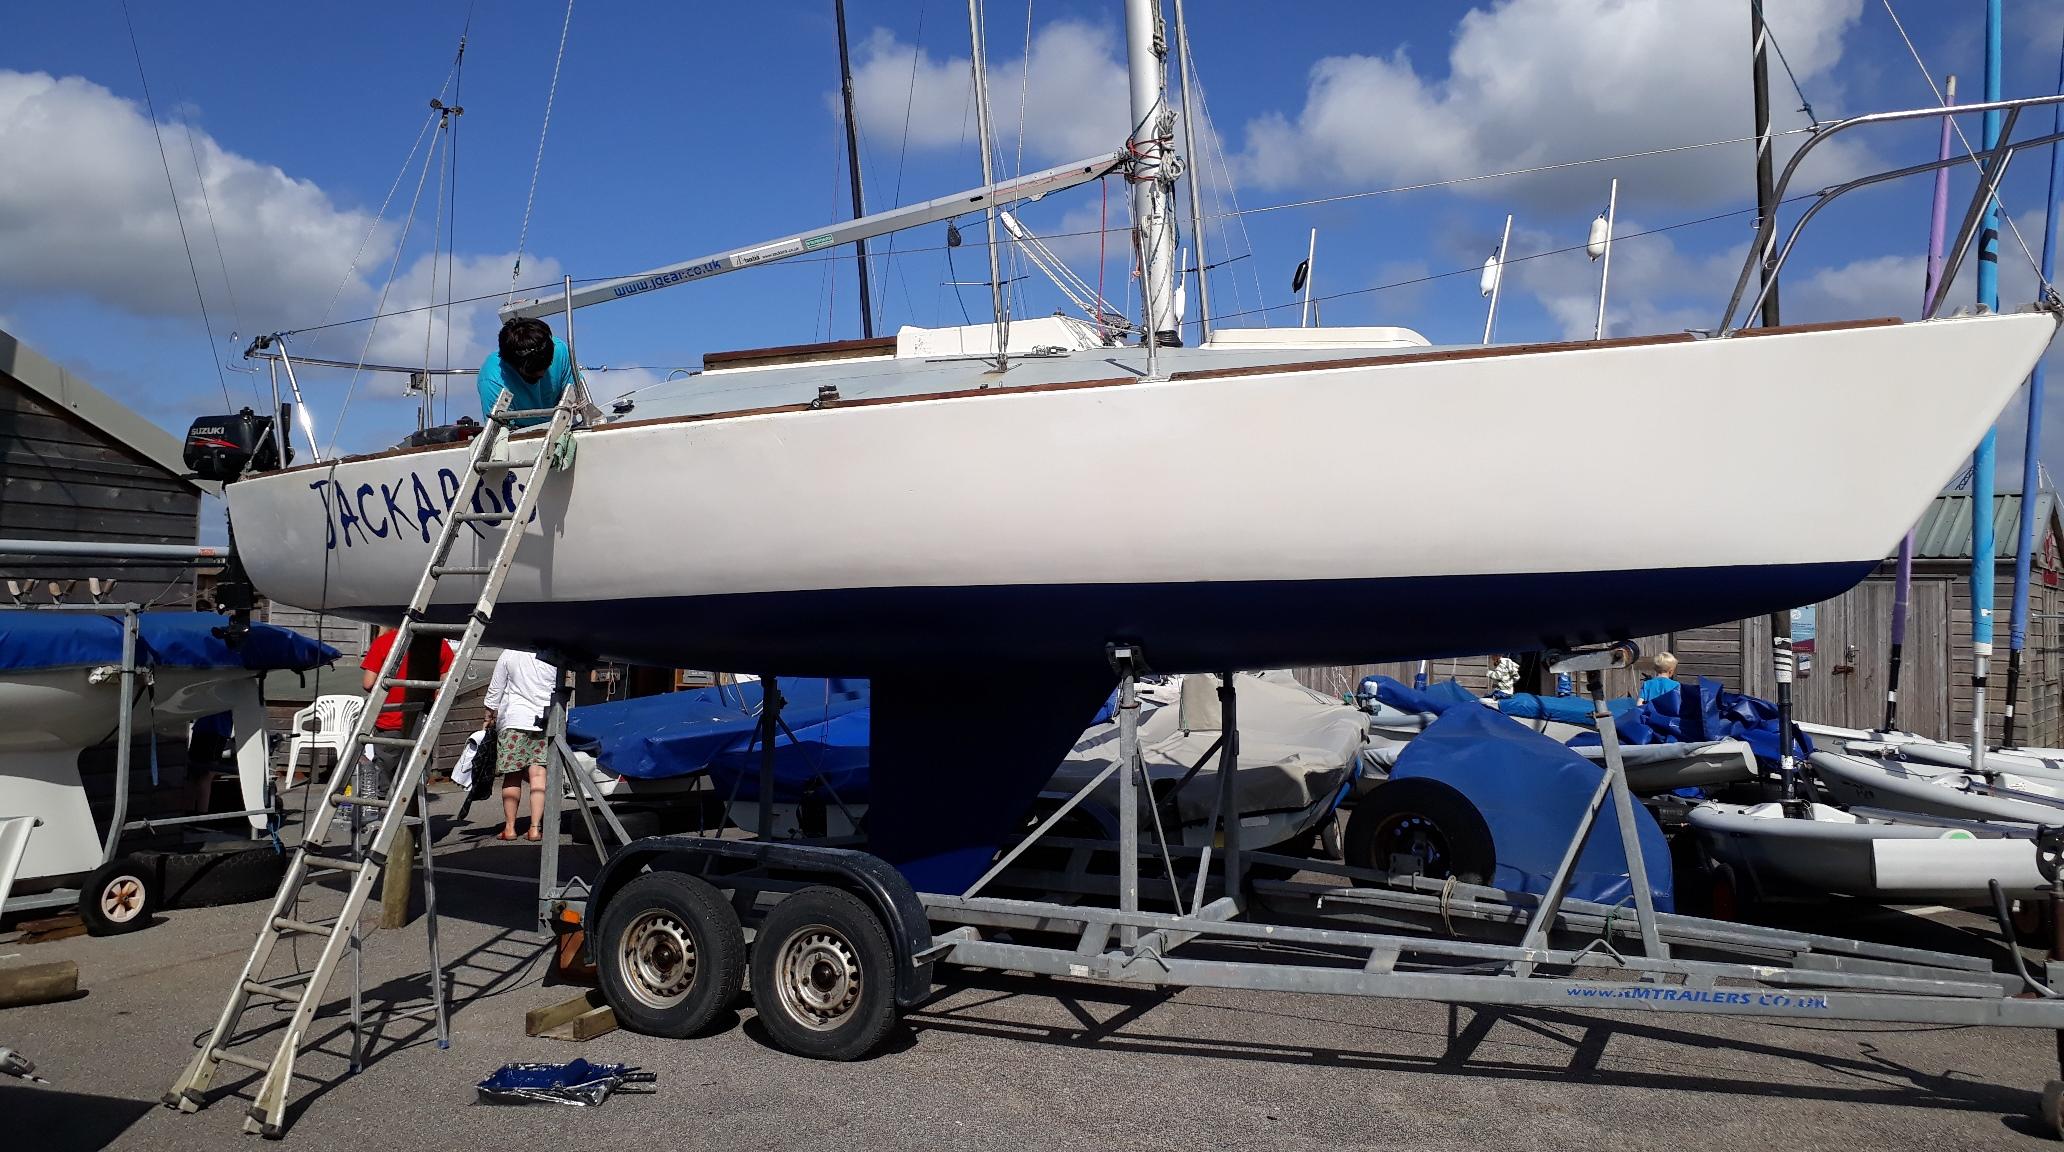 Accessible sailing boat Jackaroo Mylor Falmouth